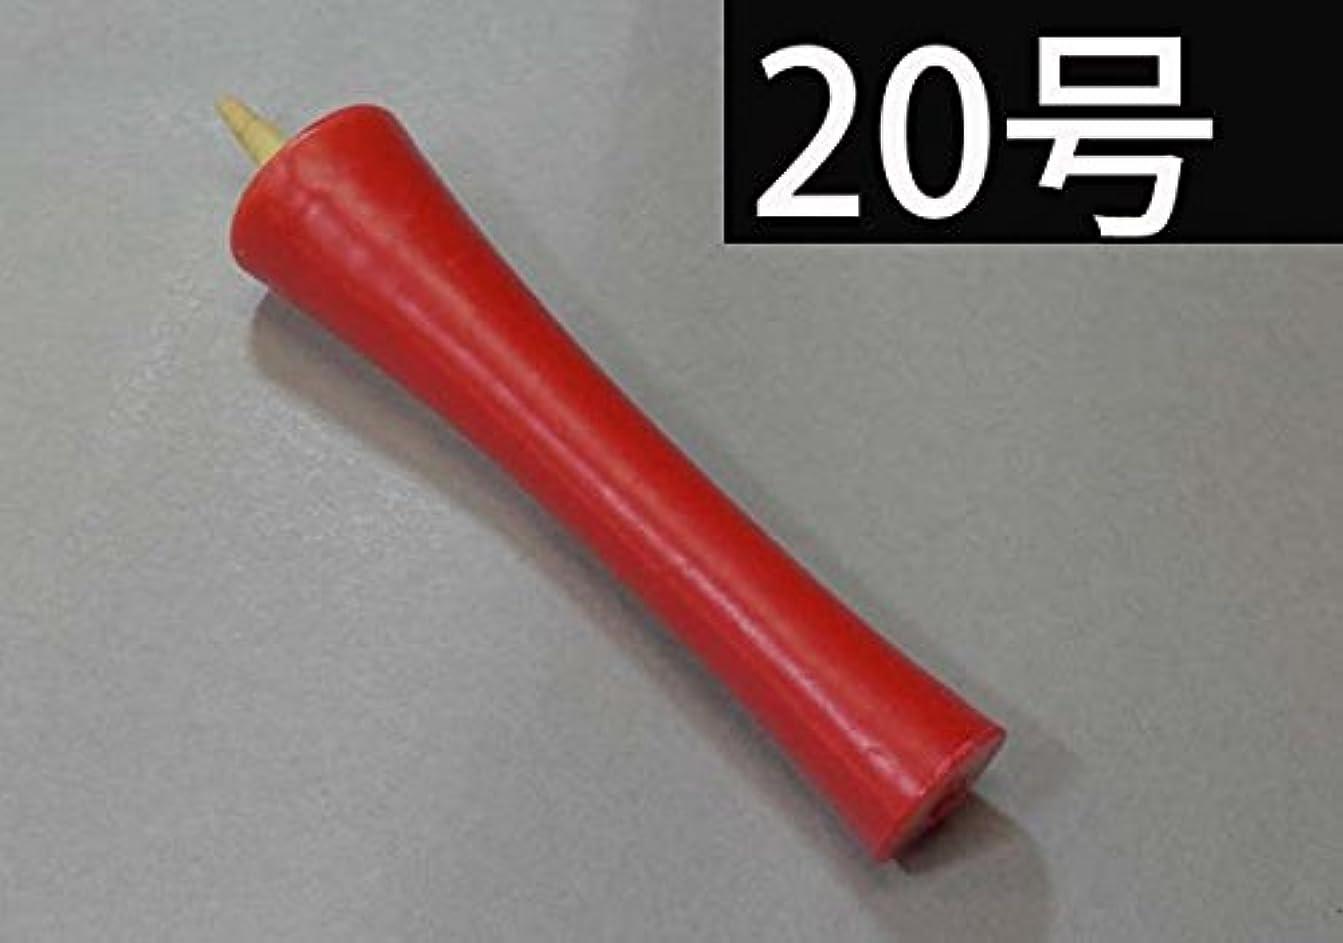 ネストファントムおばあさん和ろうそく 型和蝋燭 ローソク【朱】 イカリ 20号 朱色 6本入り 約17センチ 約3時間30分燃焼